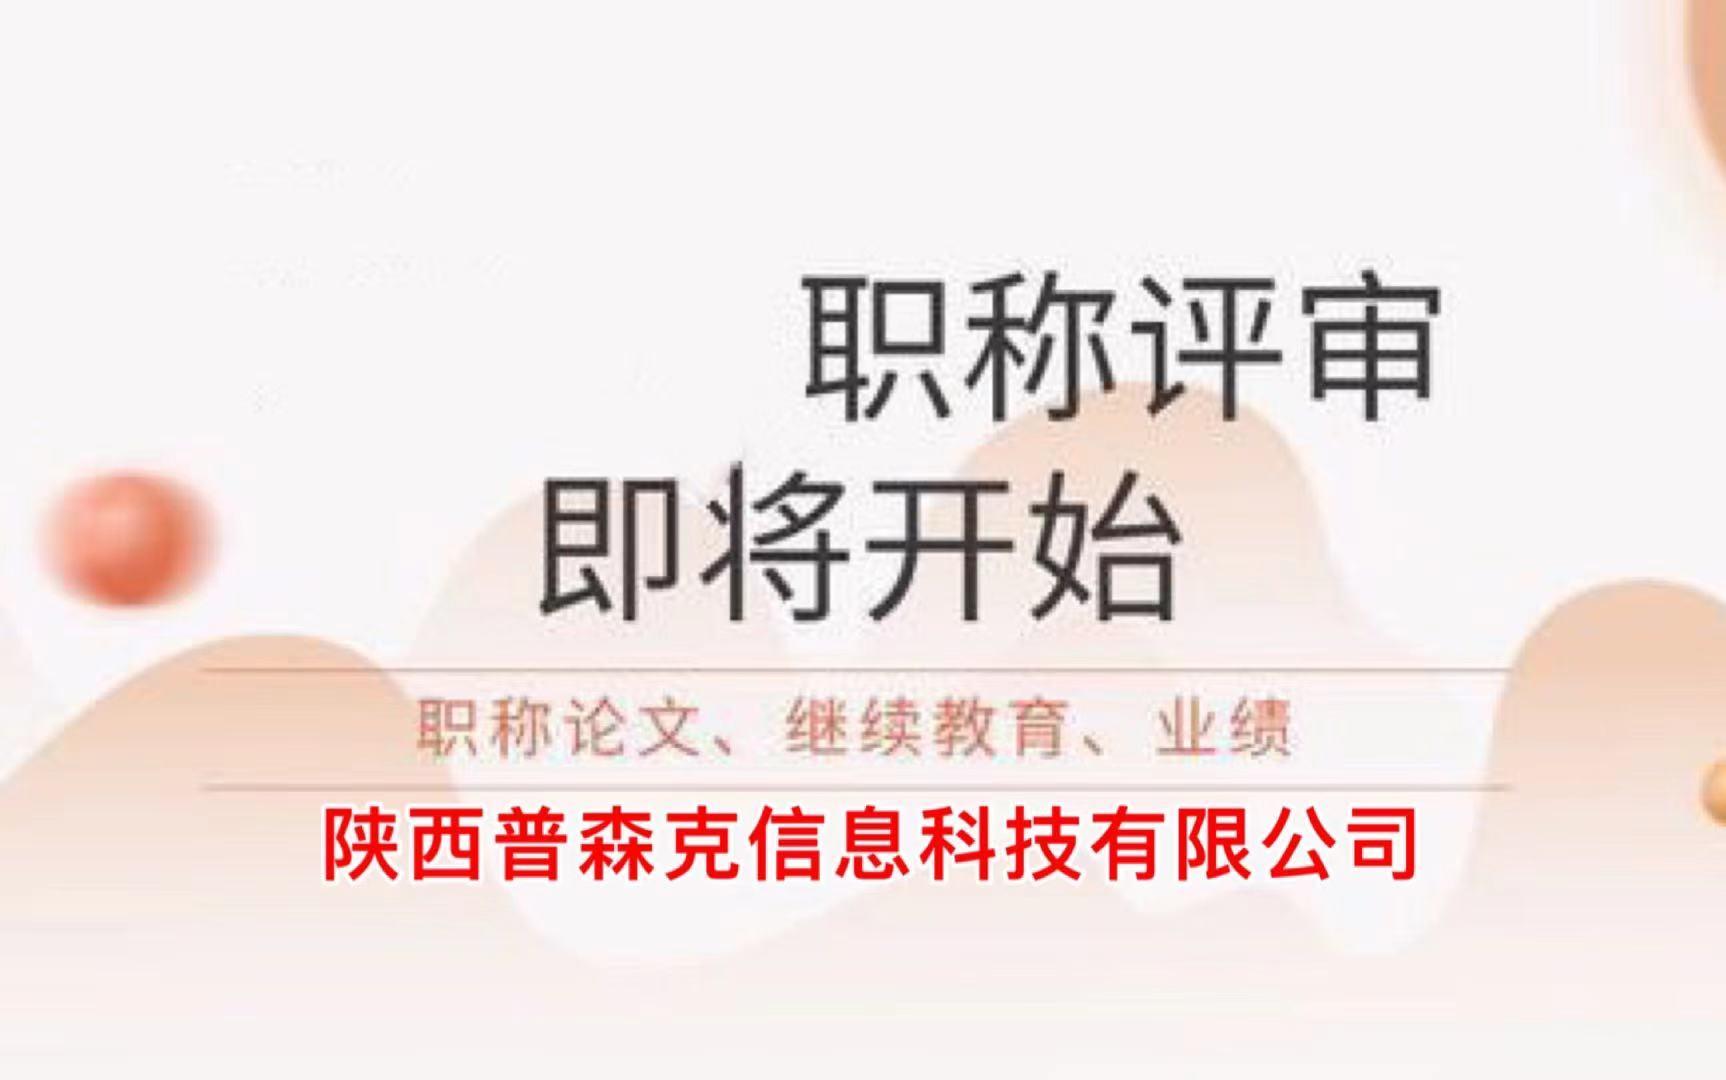 2021年陕西有关职称评审时间和条件的疑问